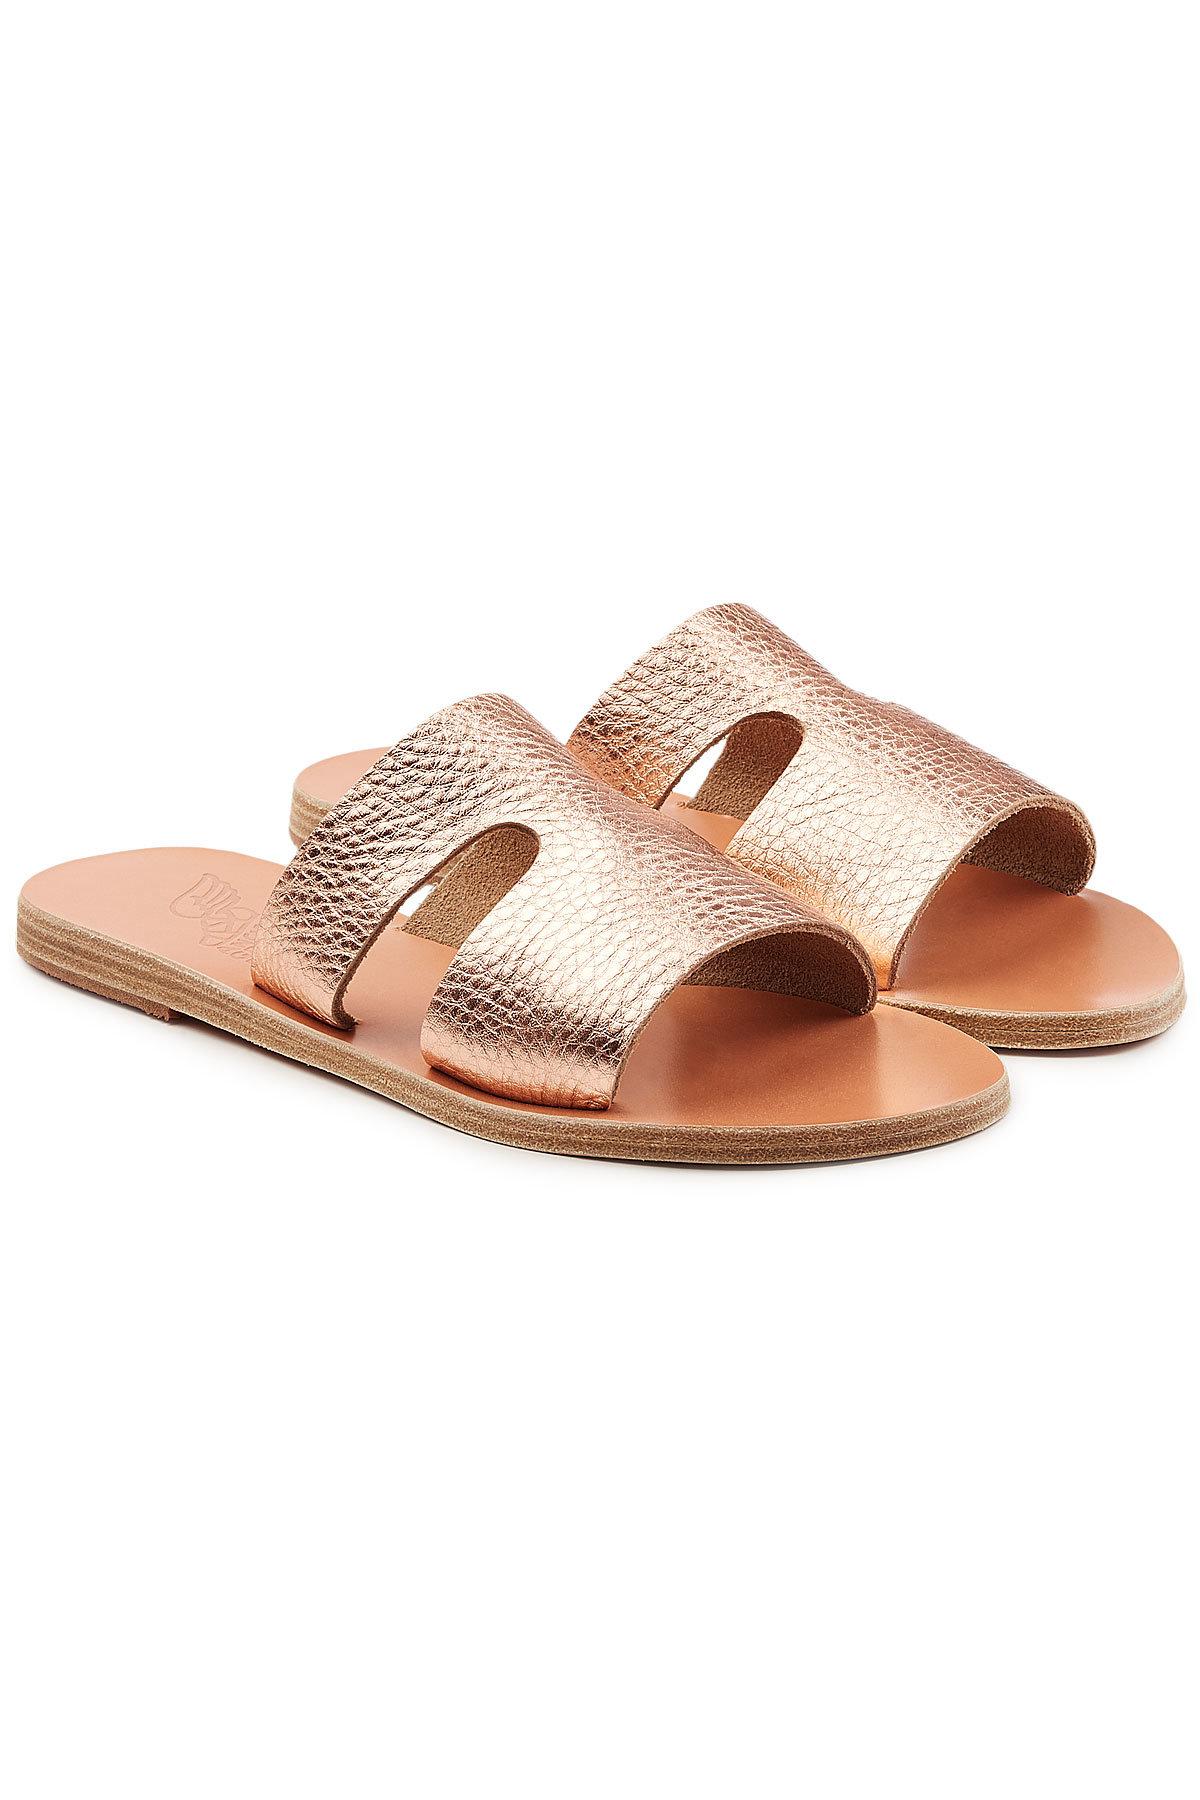 Ancient Greek Sandals Taygete Sandals Gr. IT 39